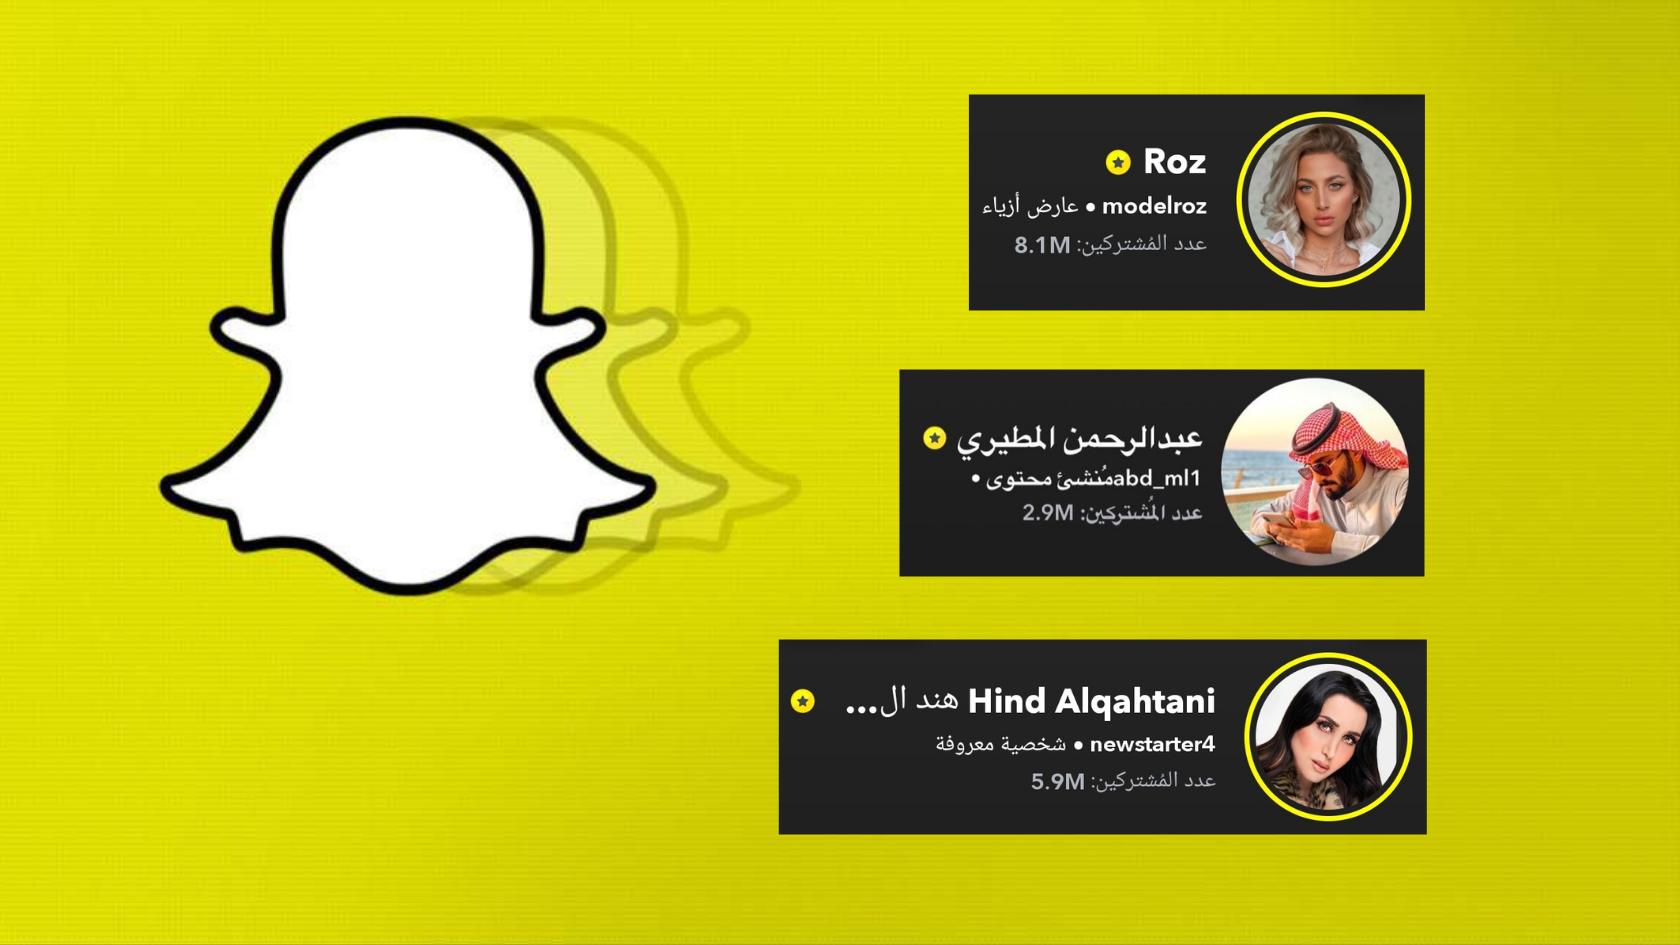 تحديث السناب شات الجديد يكشف عدد مشتركين المشاهير ويضع البعض في حرج Lovin Saudi Arabic